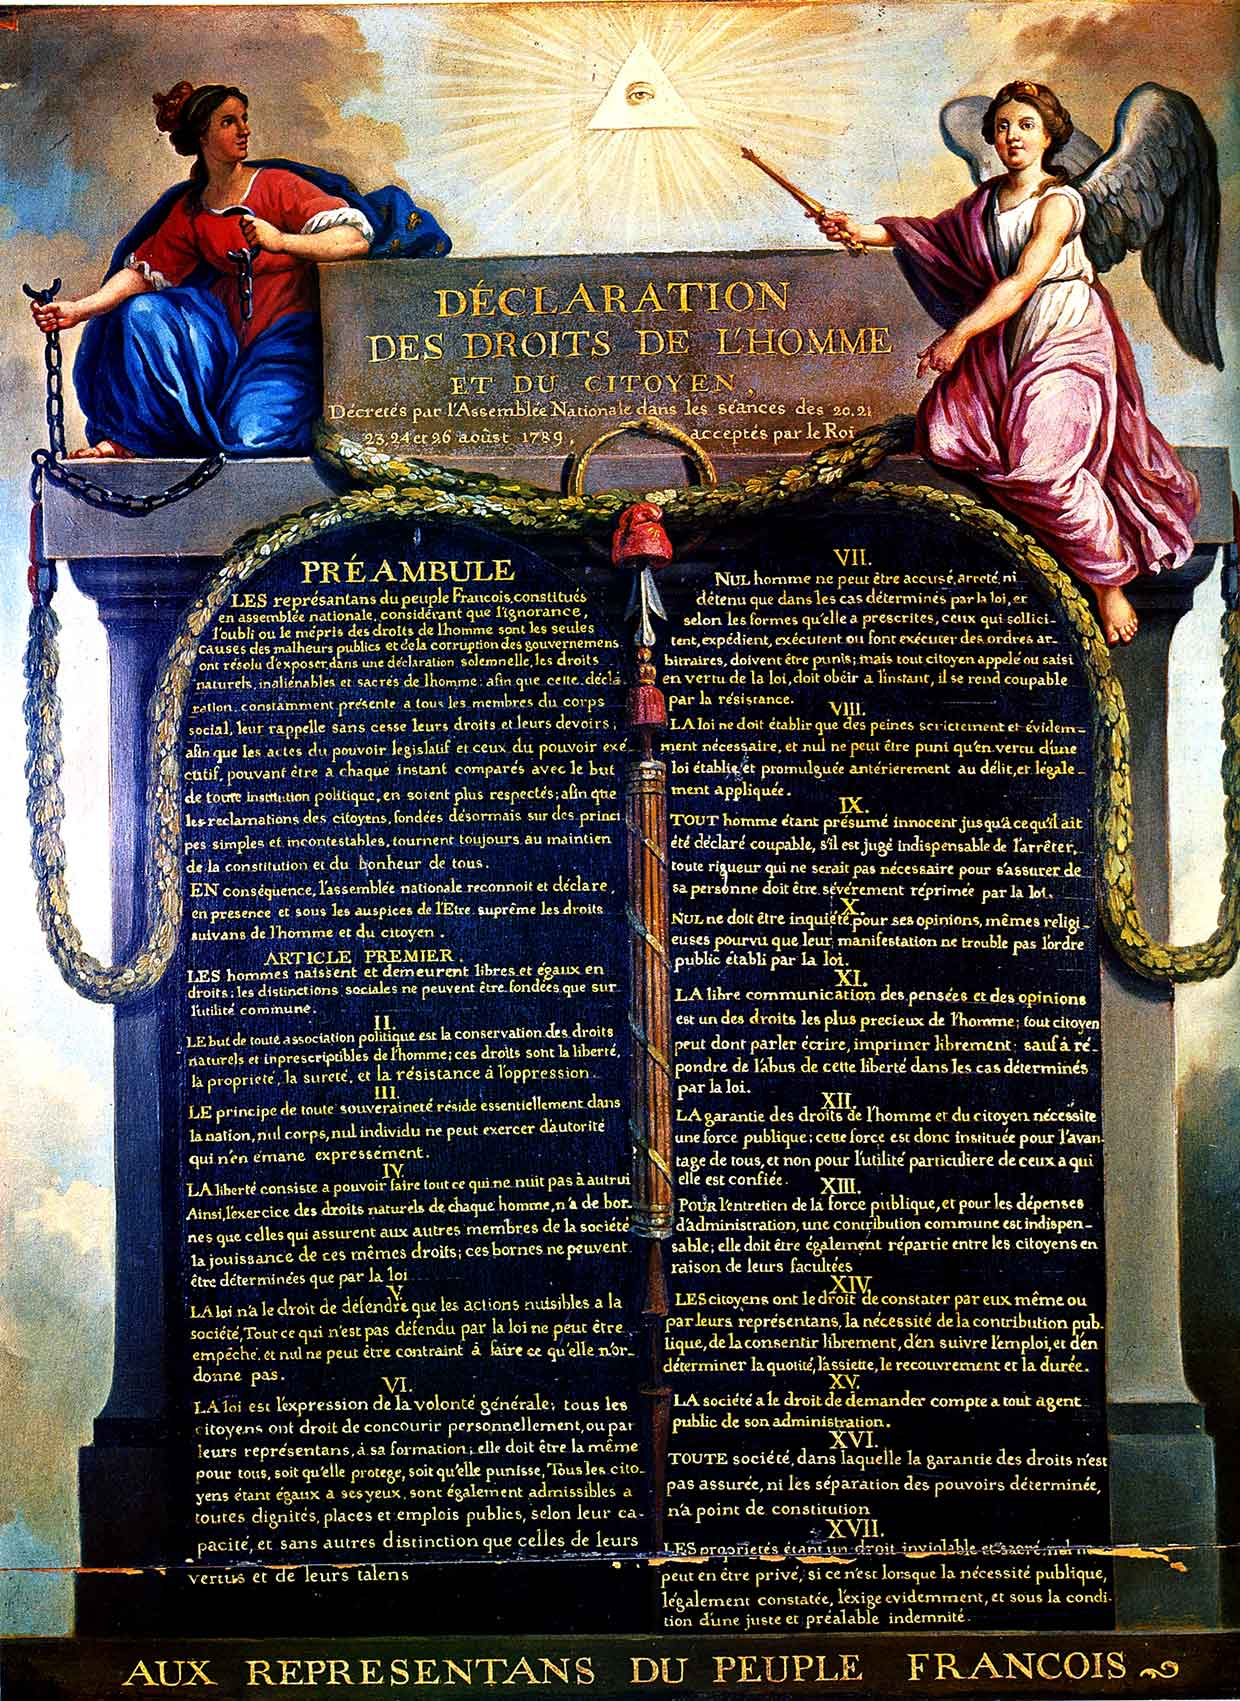 Декларация прав человека и гражданина.